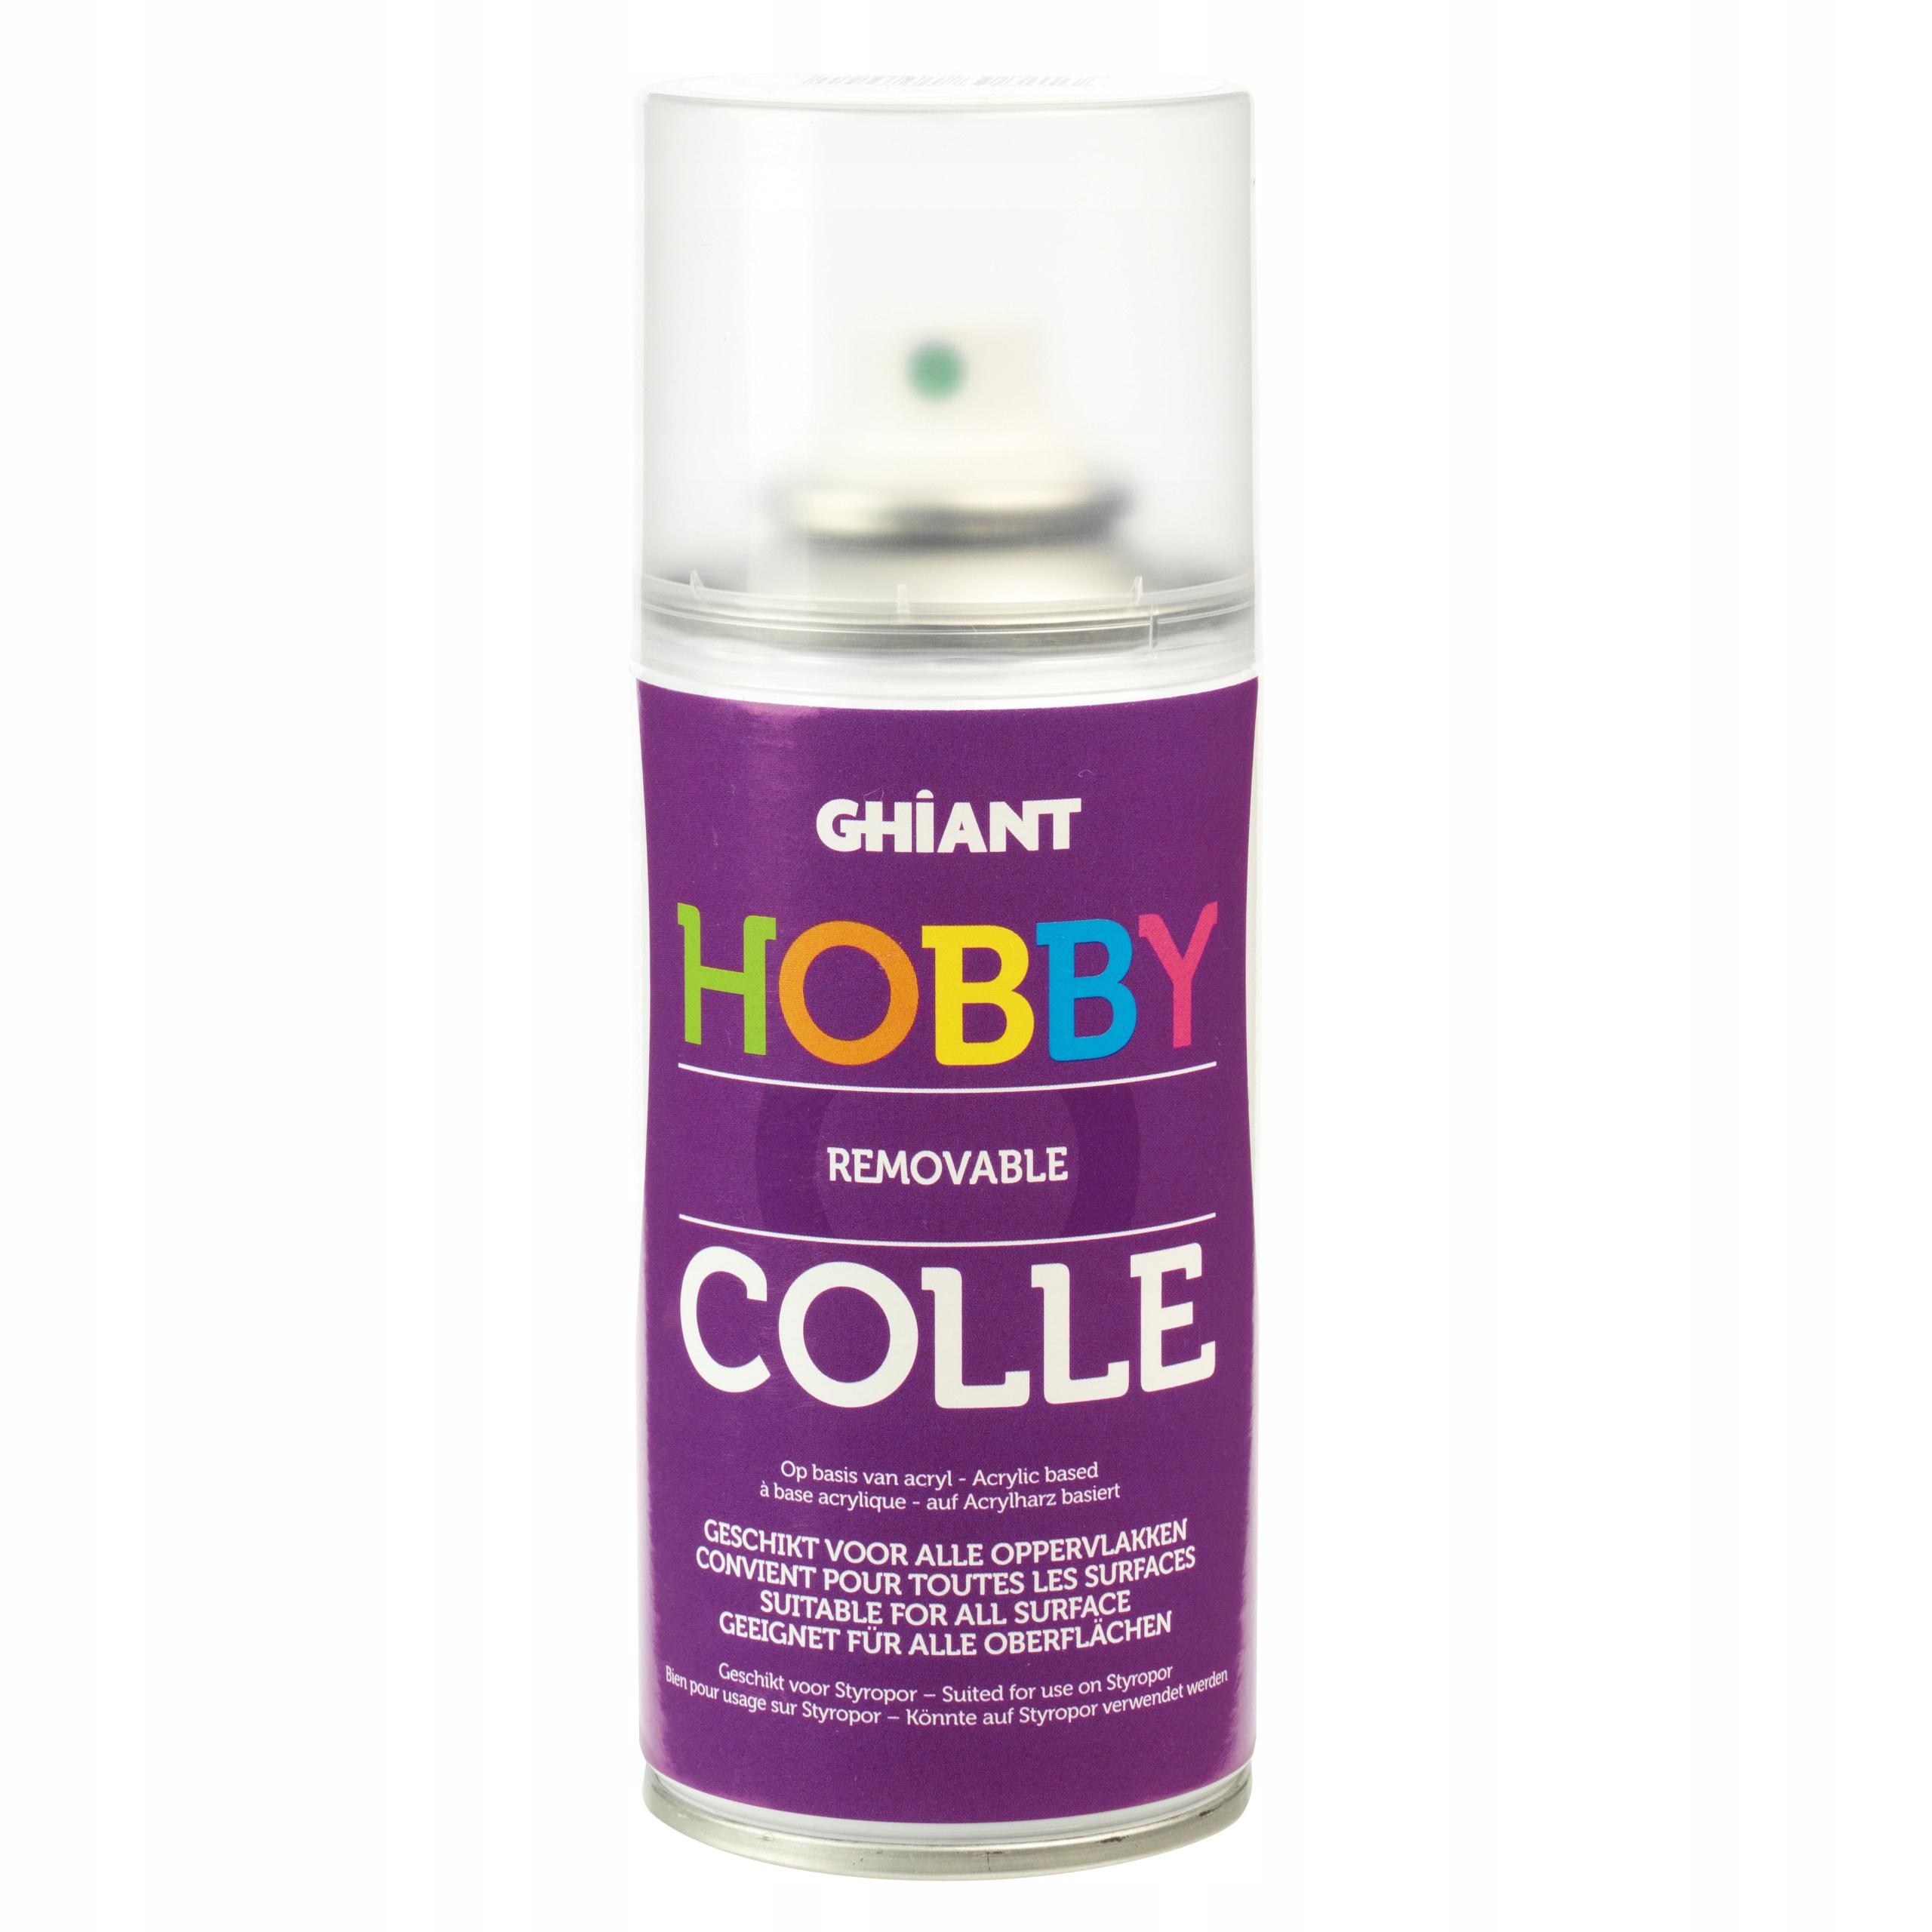 Klej w sprayu Hobby Colle - Ghiant - usuwalny